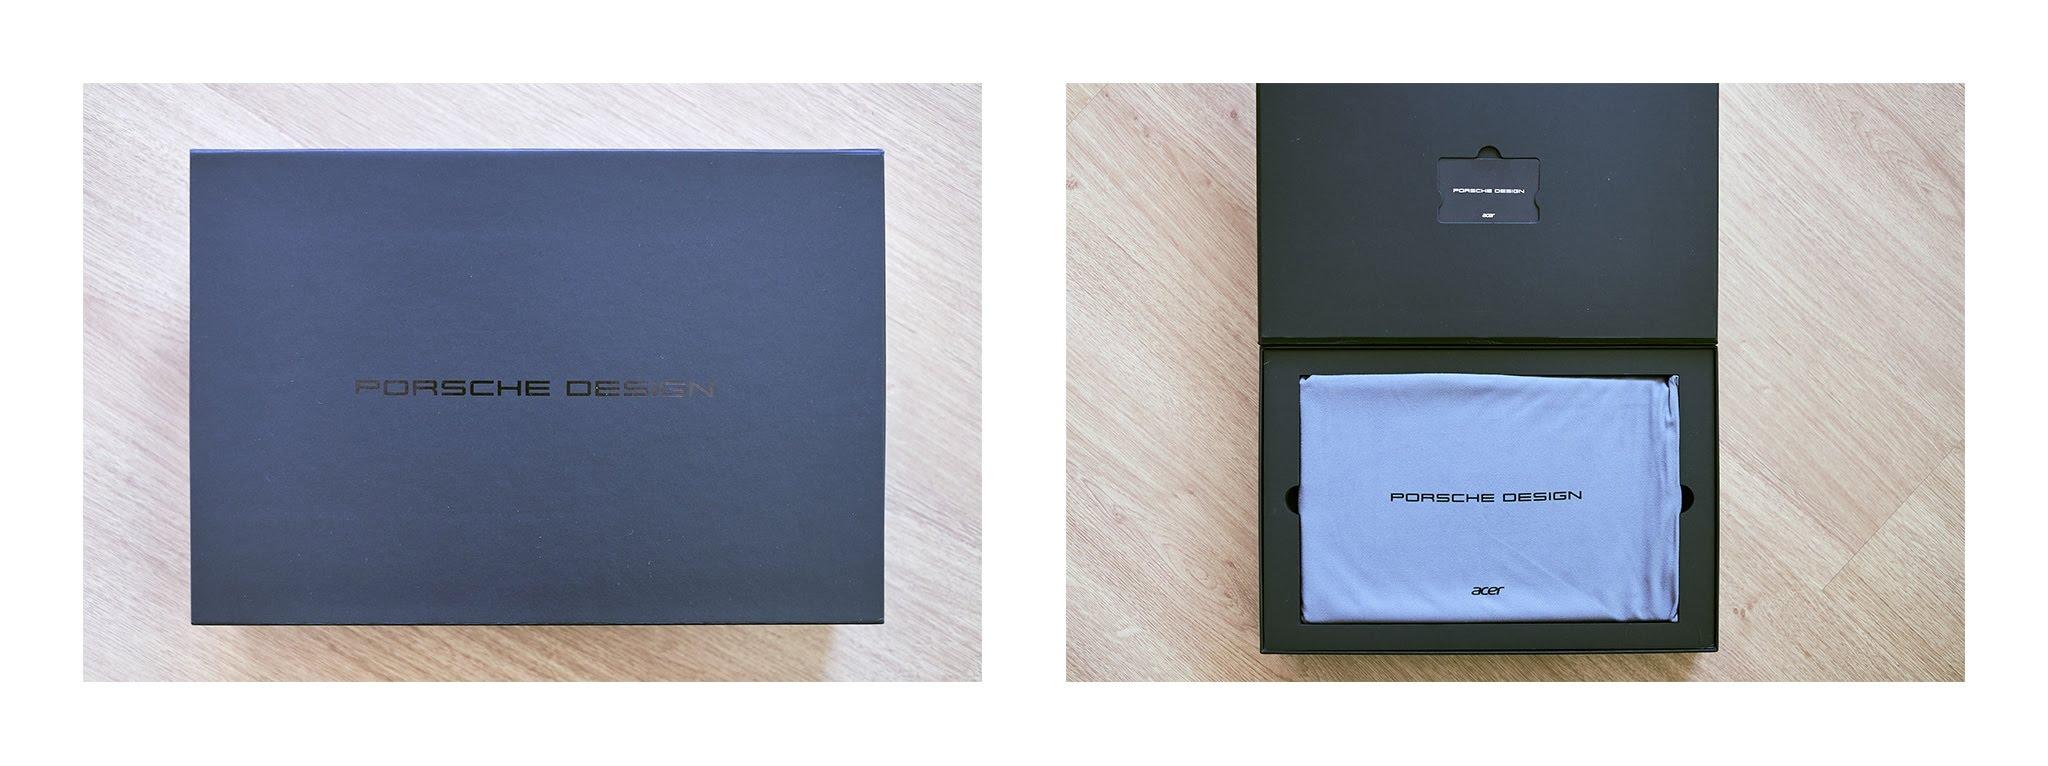 Test Porsche Design Acer Book RS : un ultrabook stylé